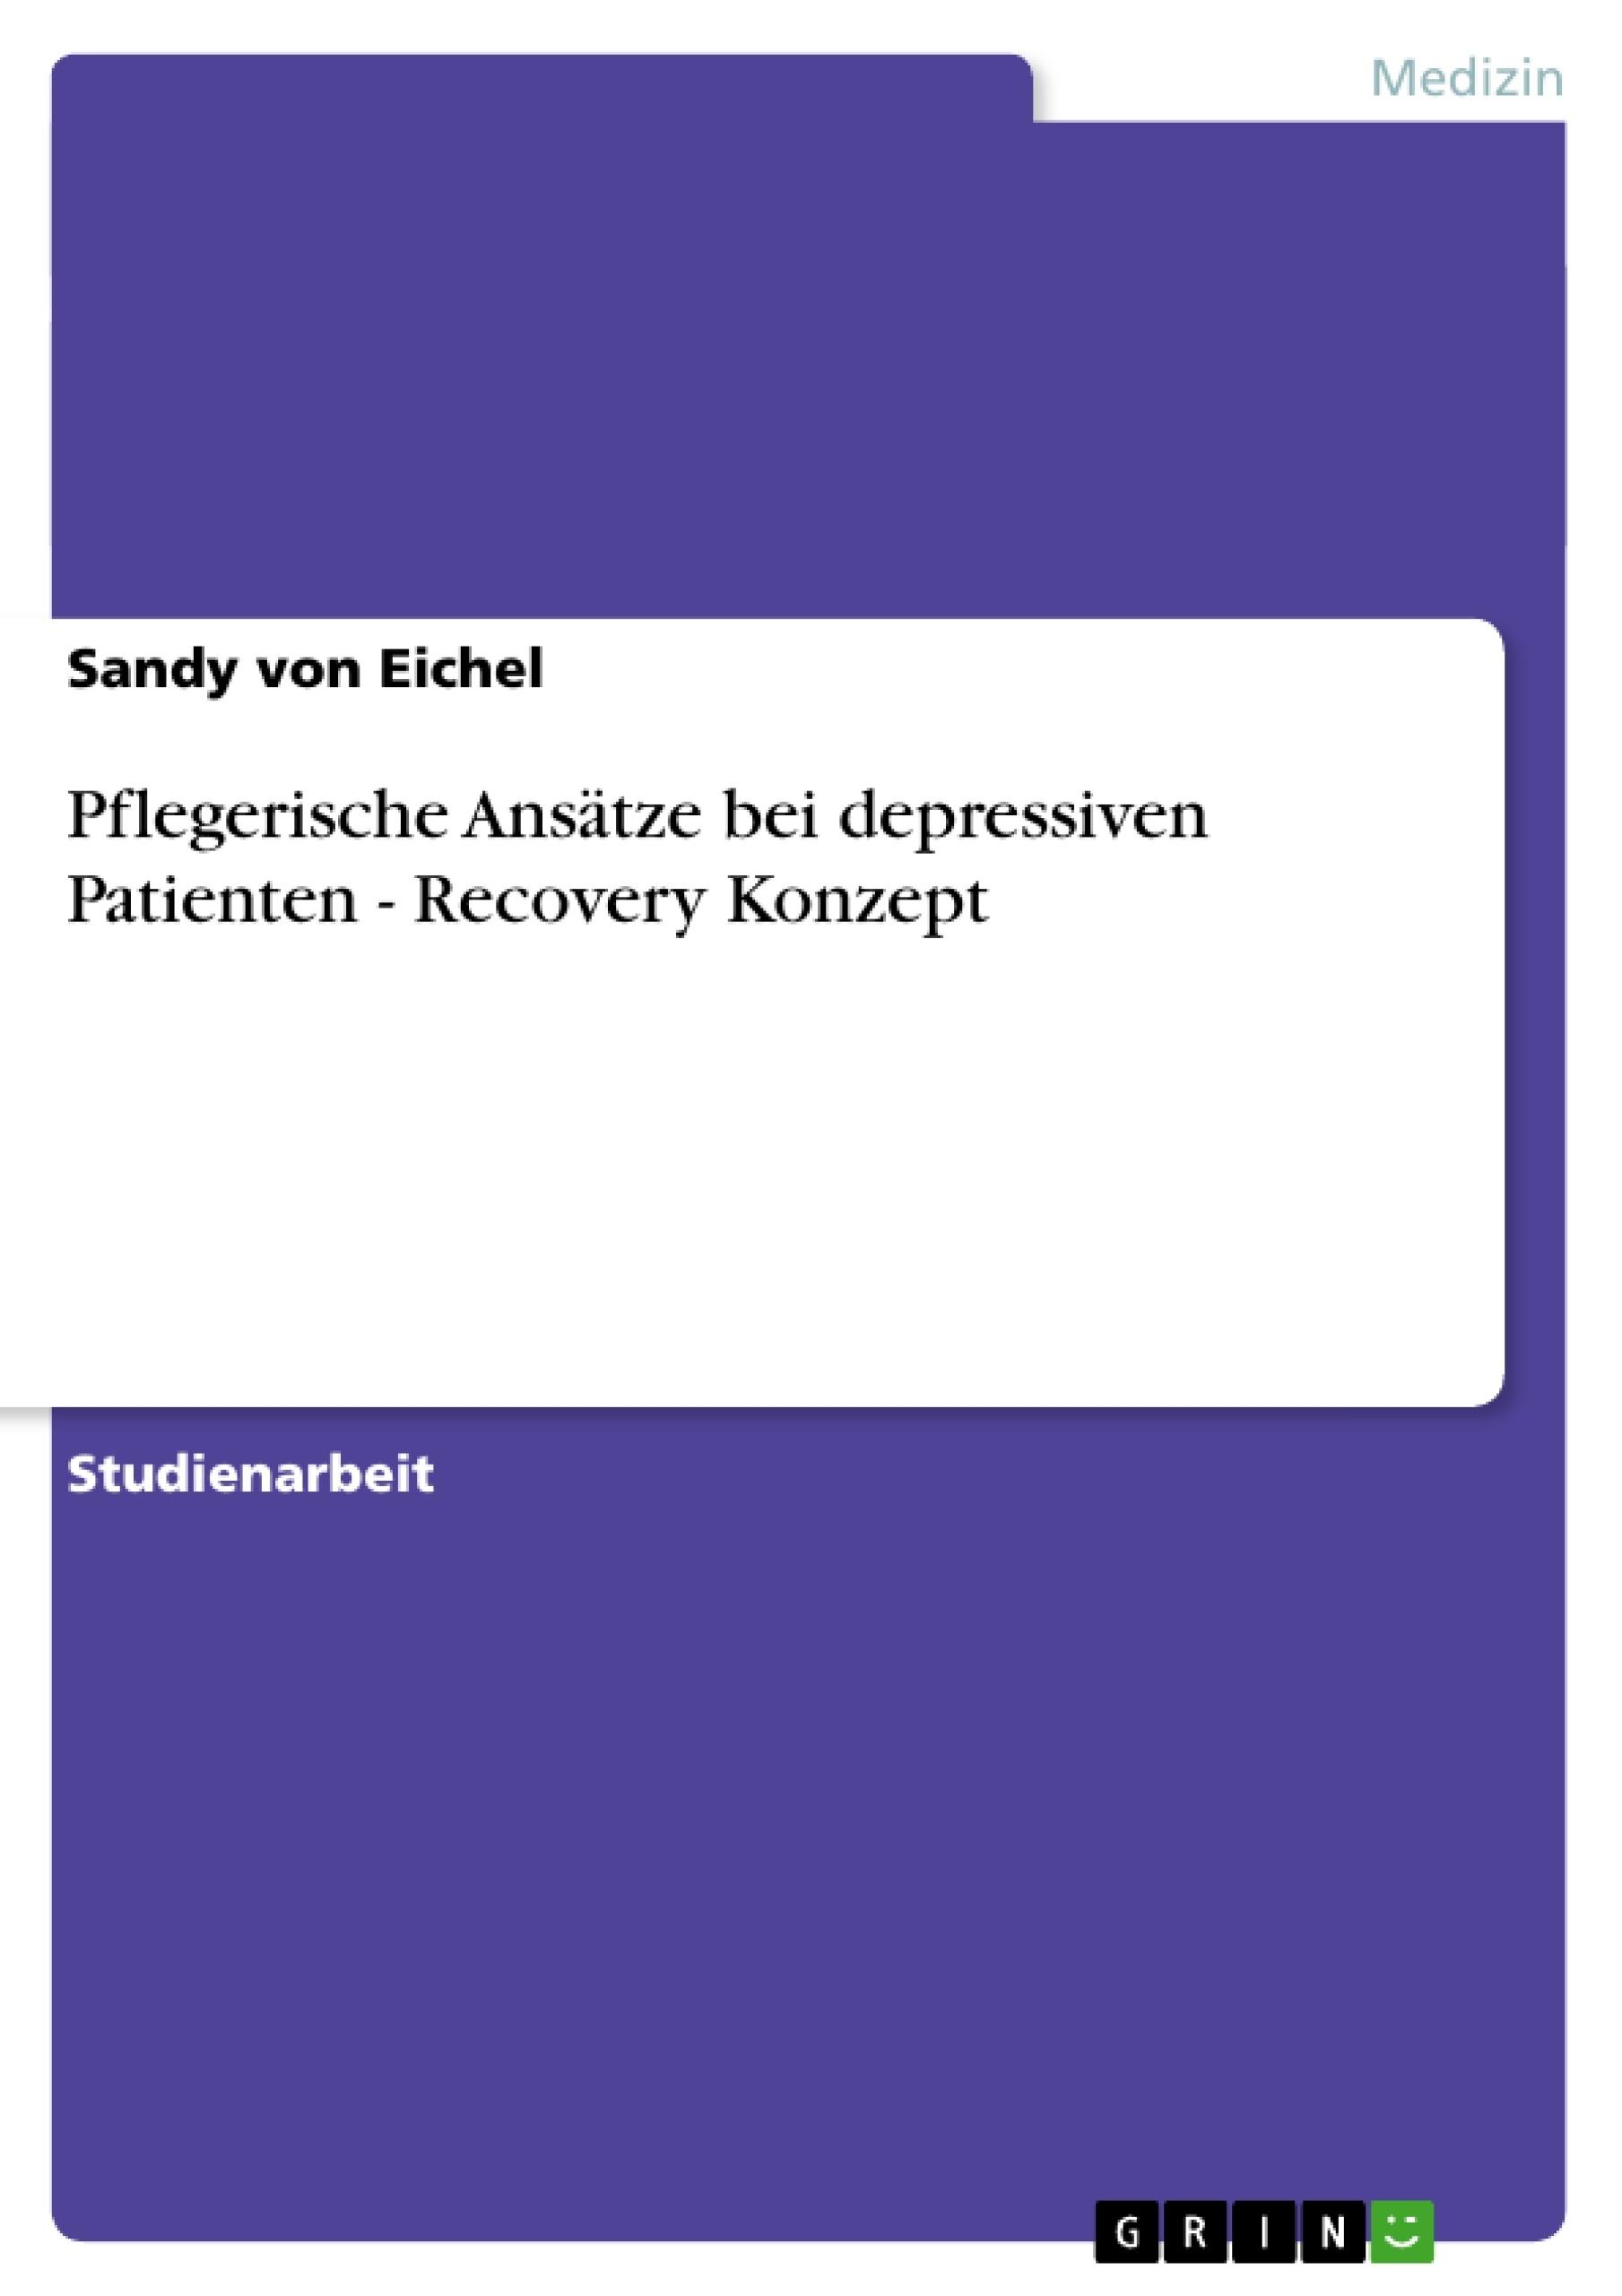 Titel: Pflegerische Ansätze bei depressiven Patienten - Recovery Konzept